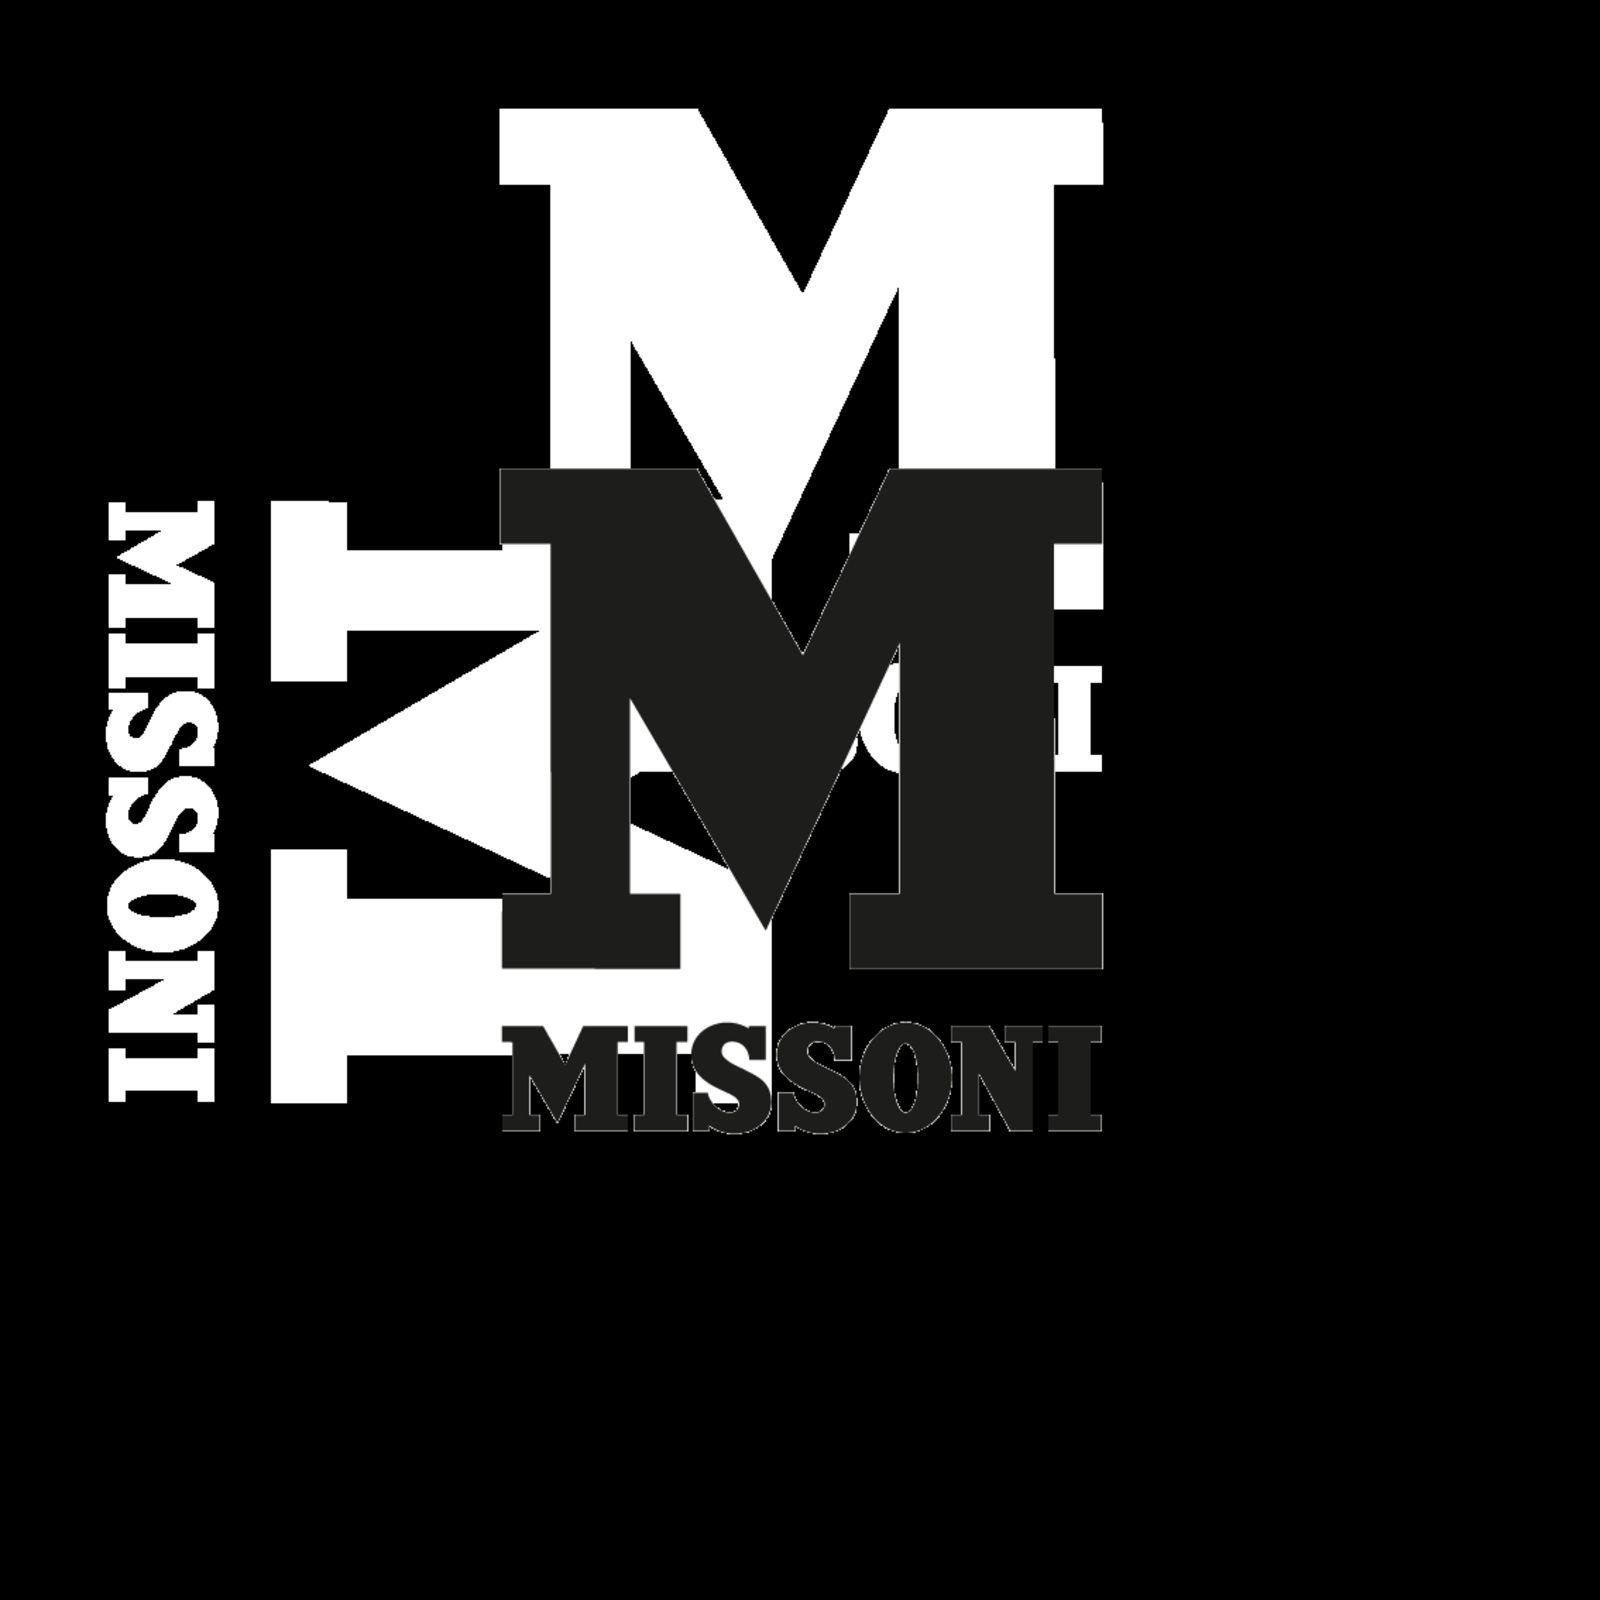 M MISSONI (Bild 1)